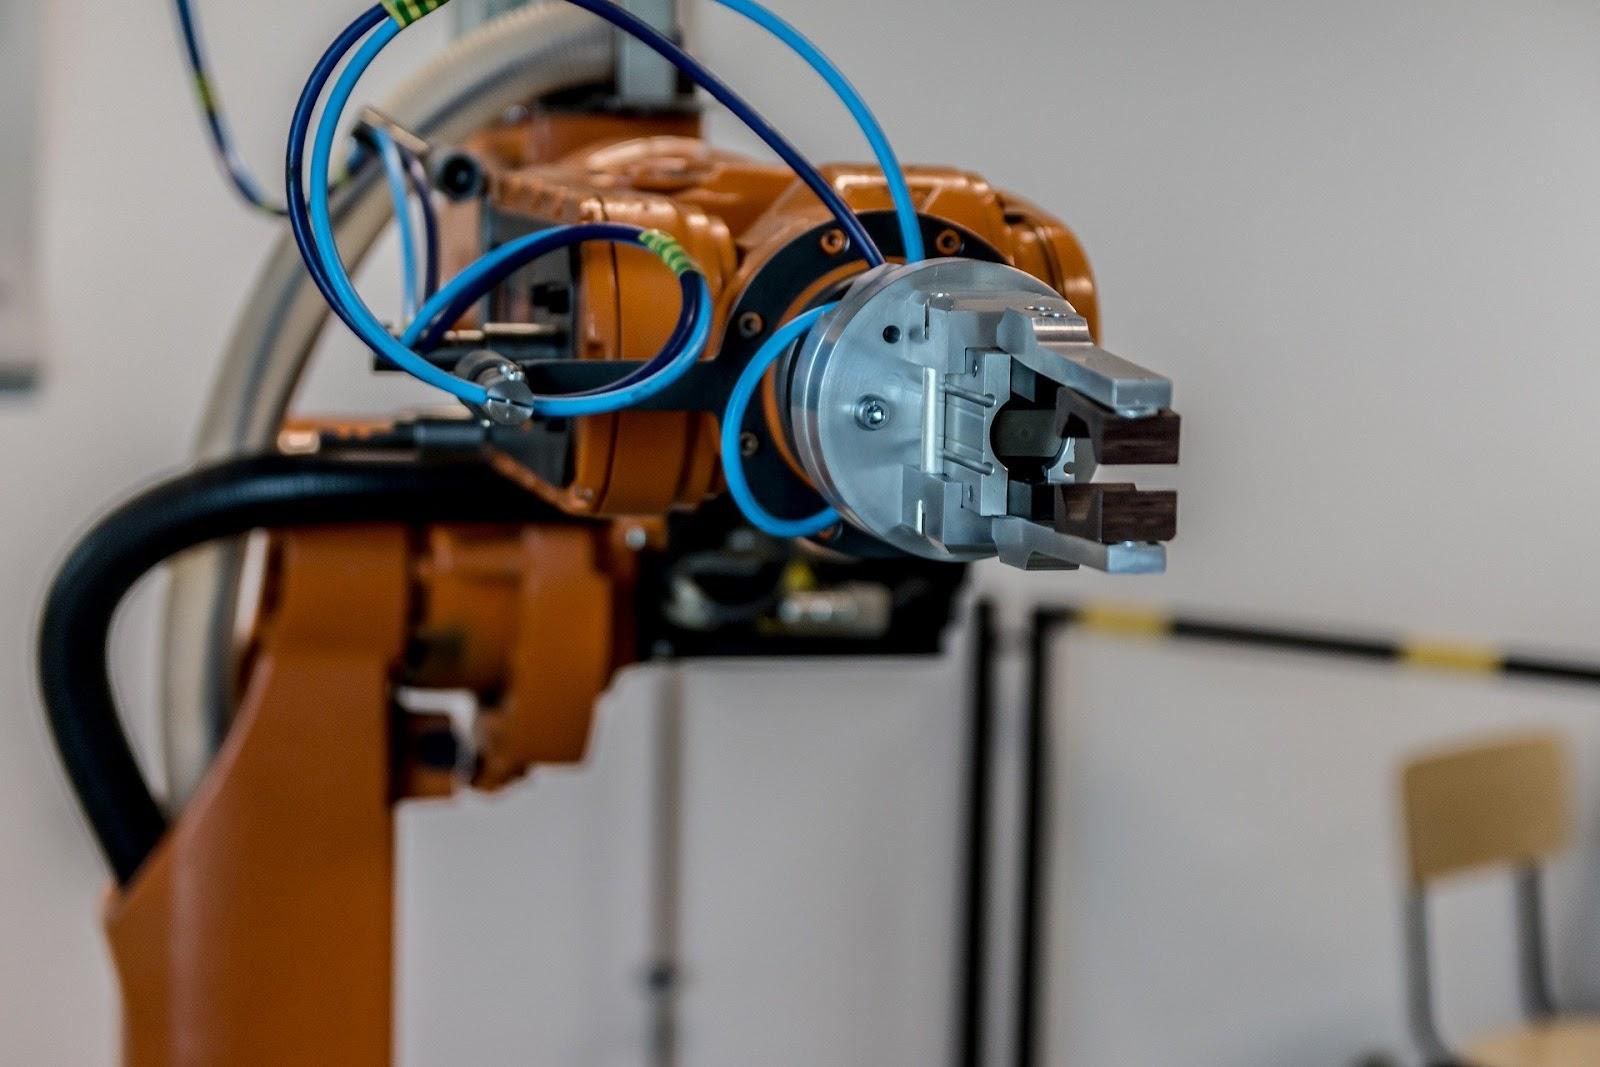 Utilização da robótica nos hospitais pode evitar casos de contaminação. (Fonte: Michal Jarmoluk/Pixabay)